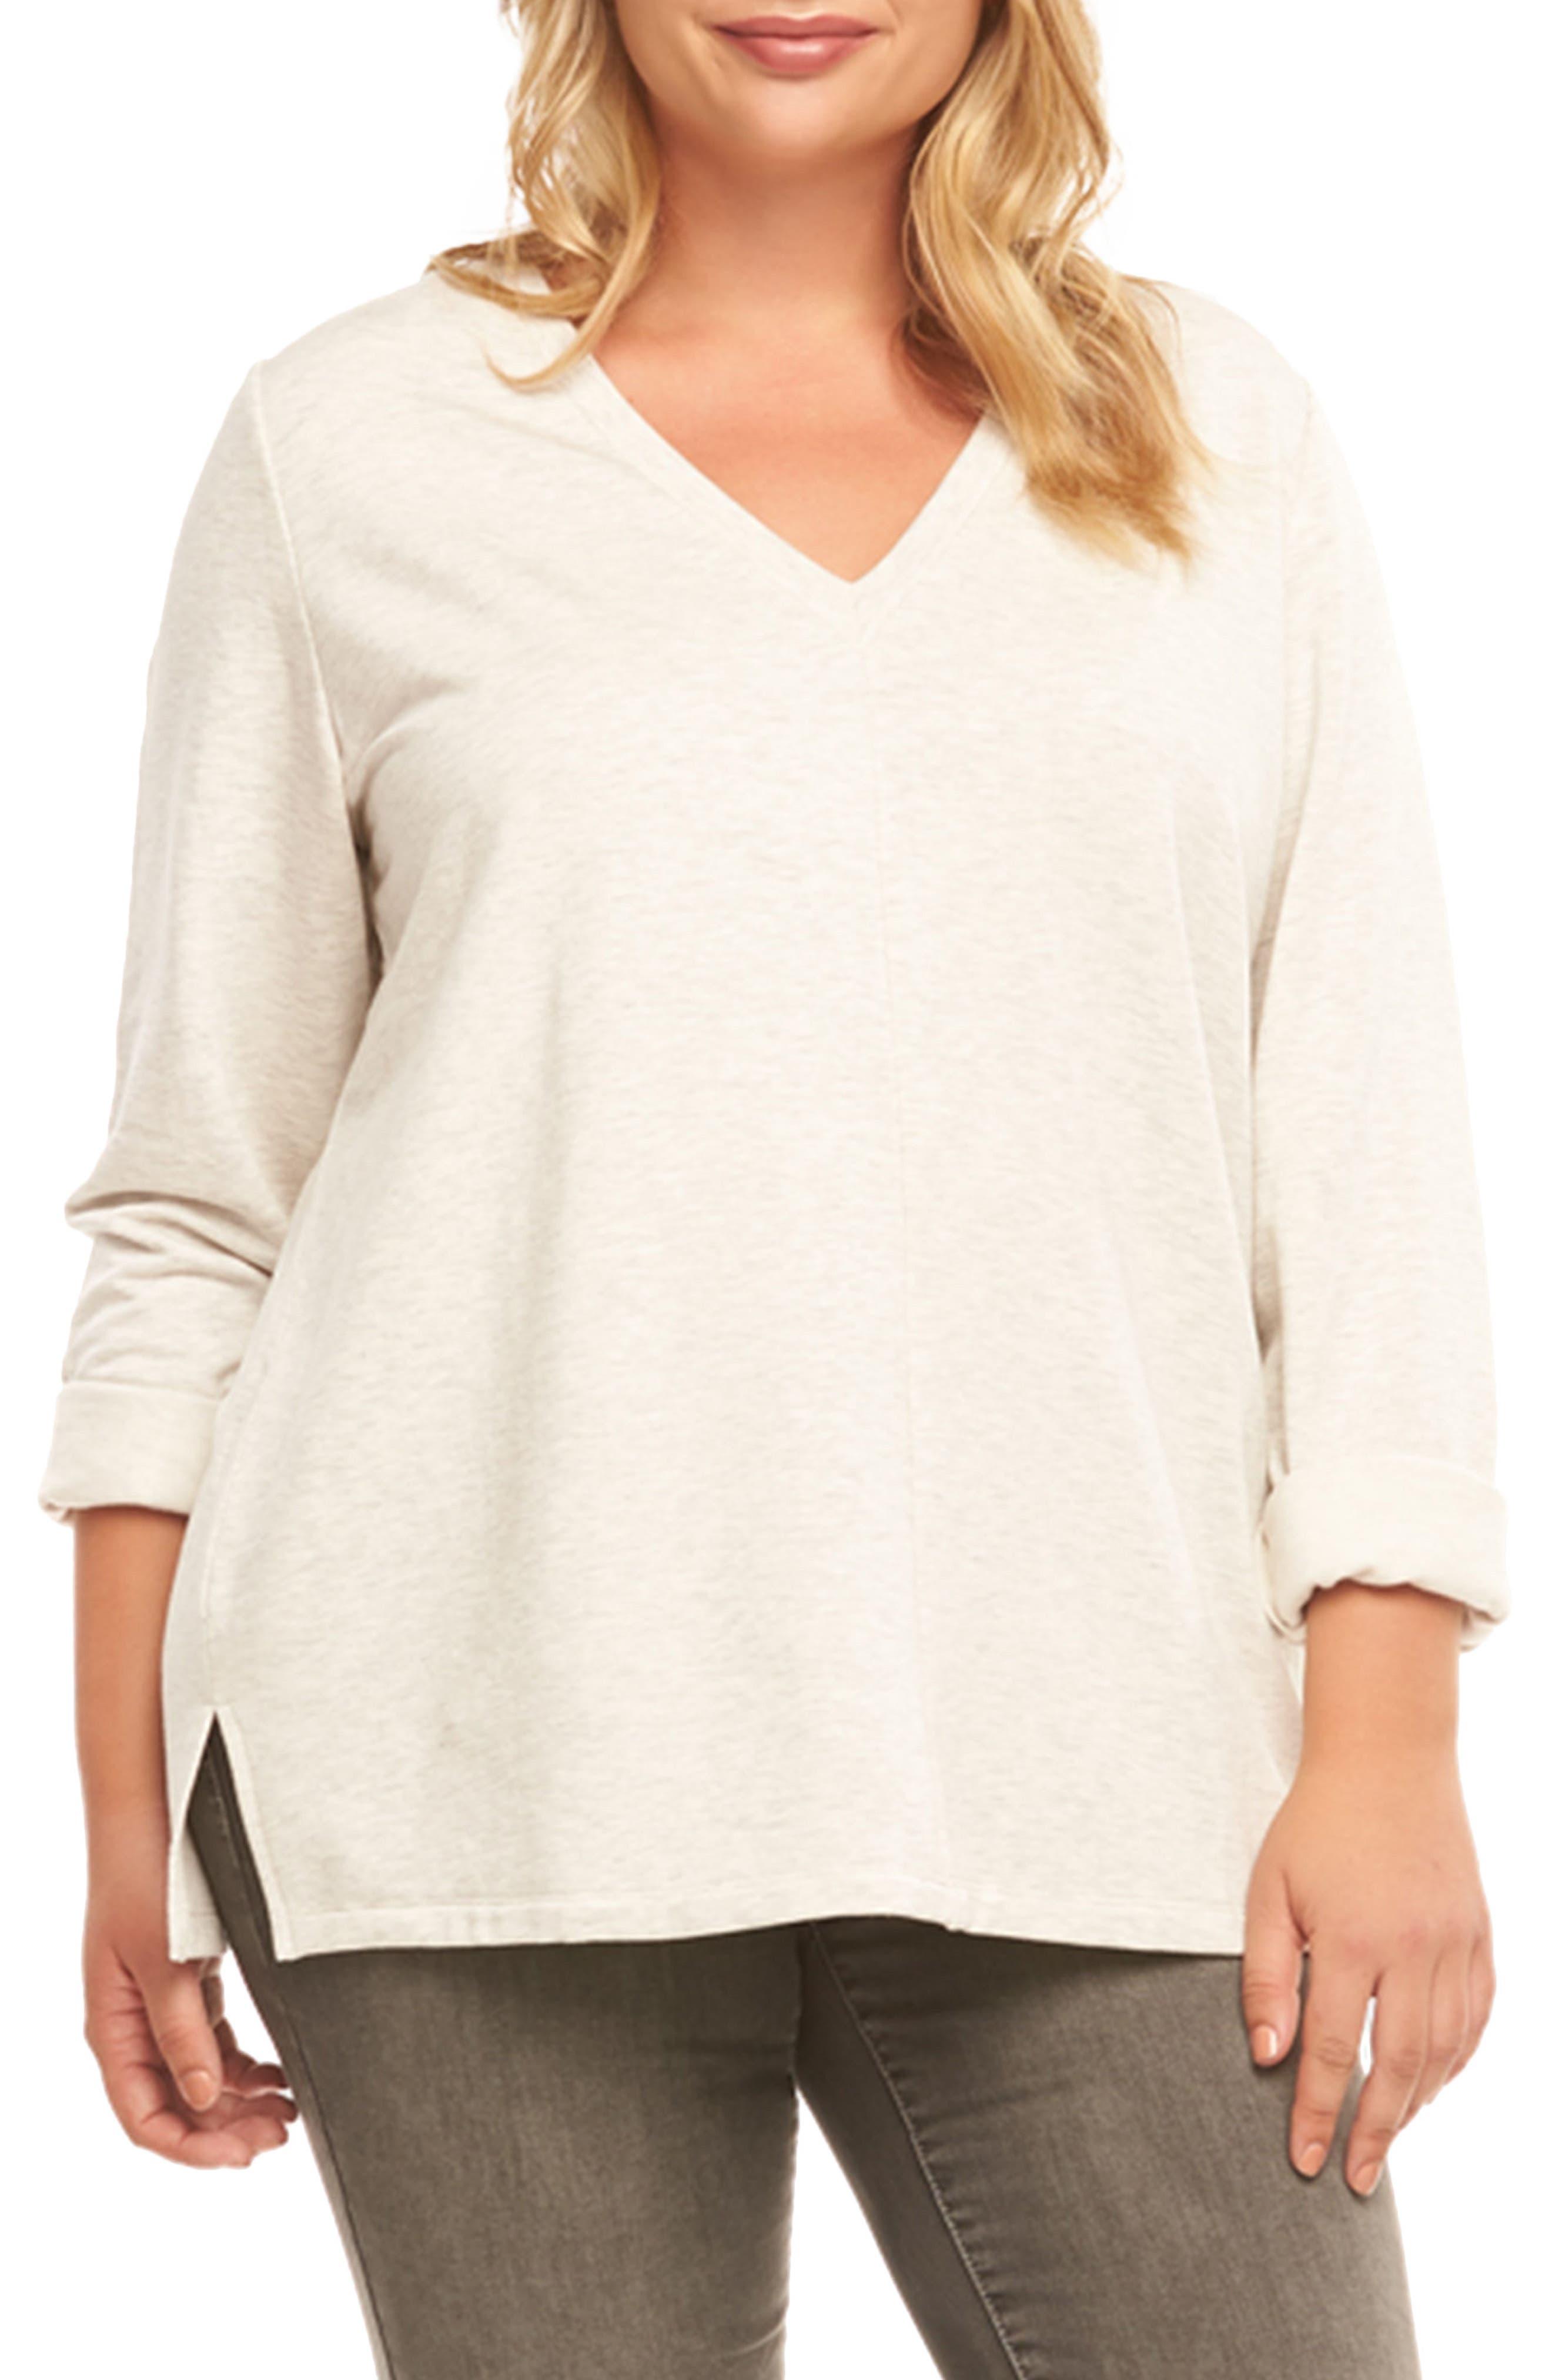 Tart Joelle Lace Back Sweater (Plus Size)